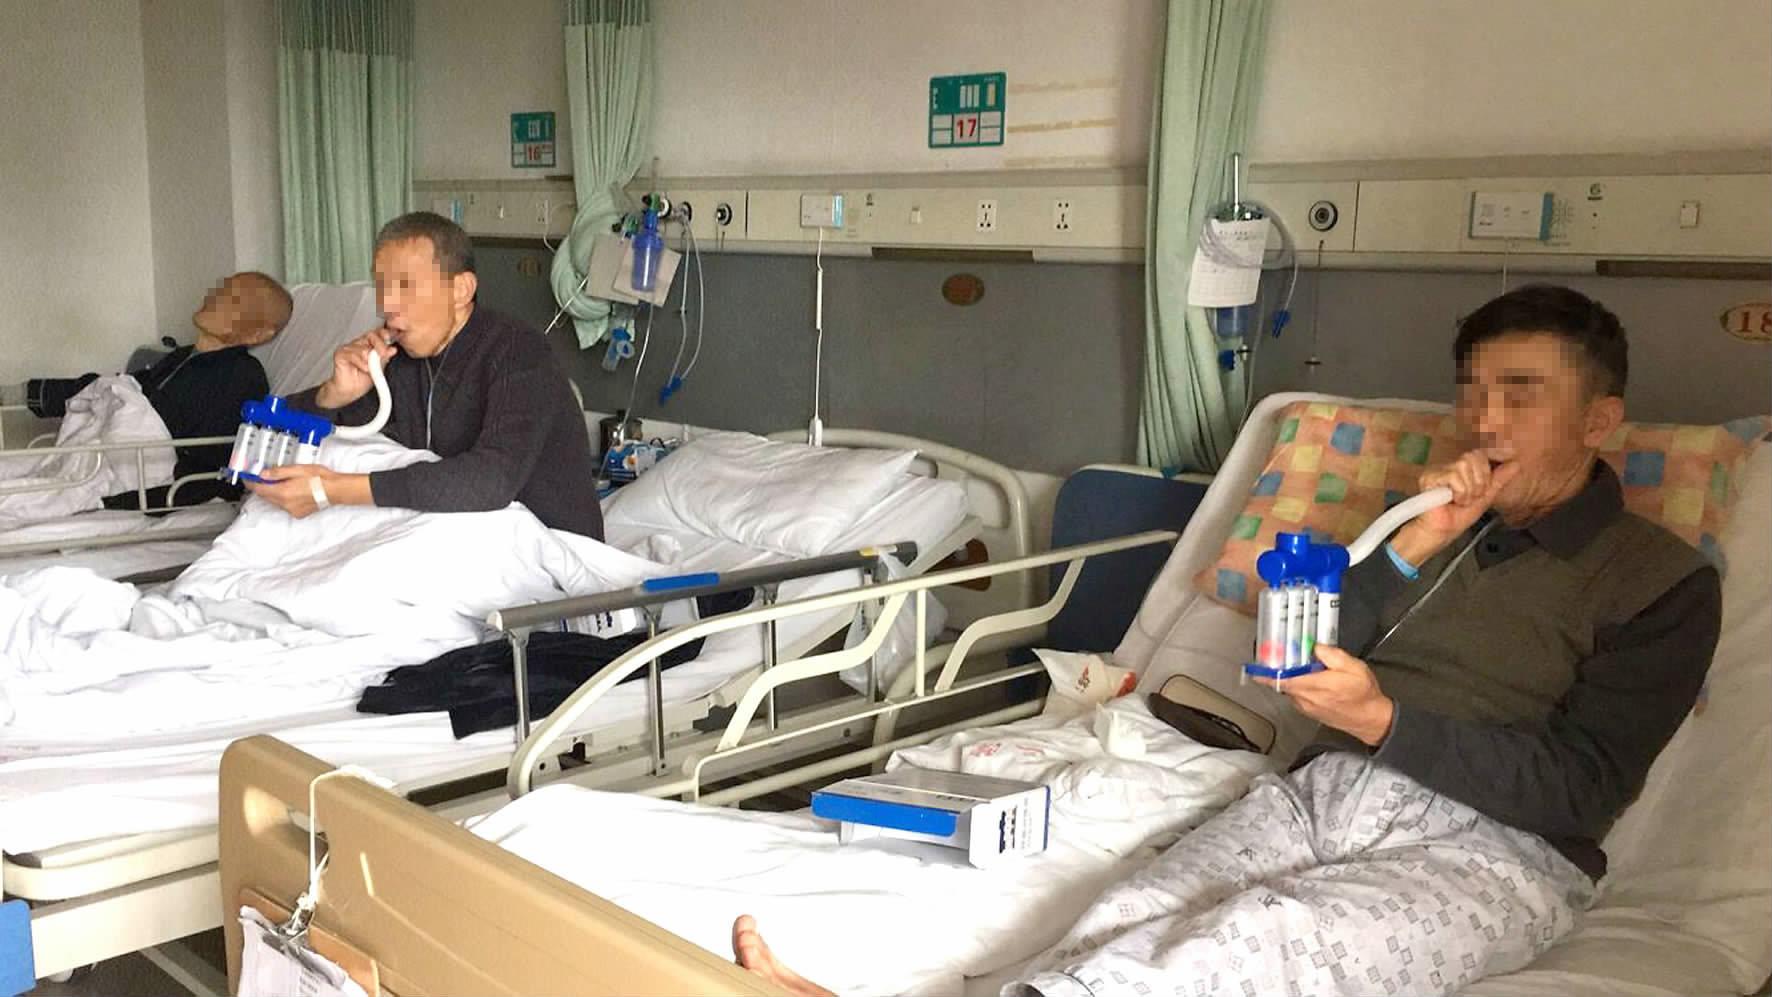 圖為住院患者正在使用呼吸訓練器.圖片